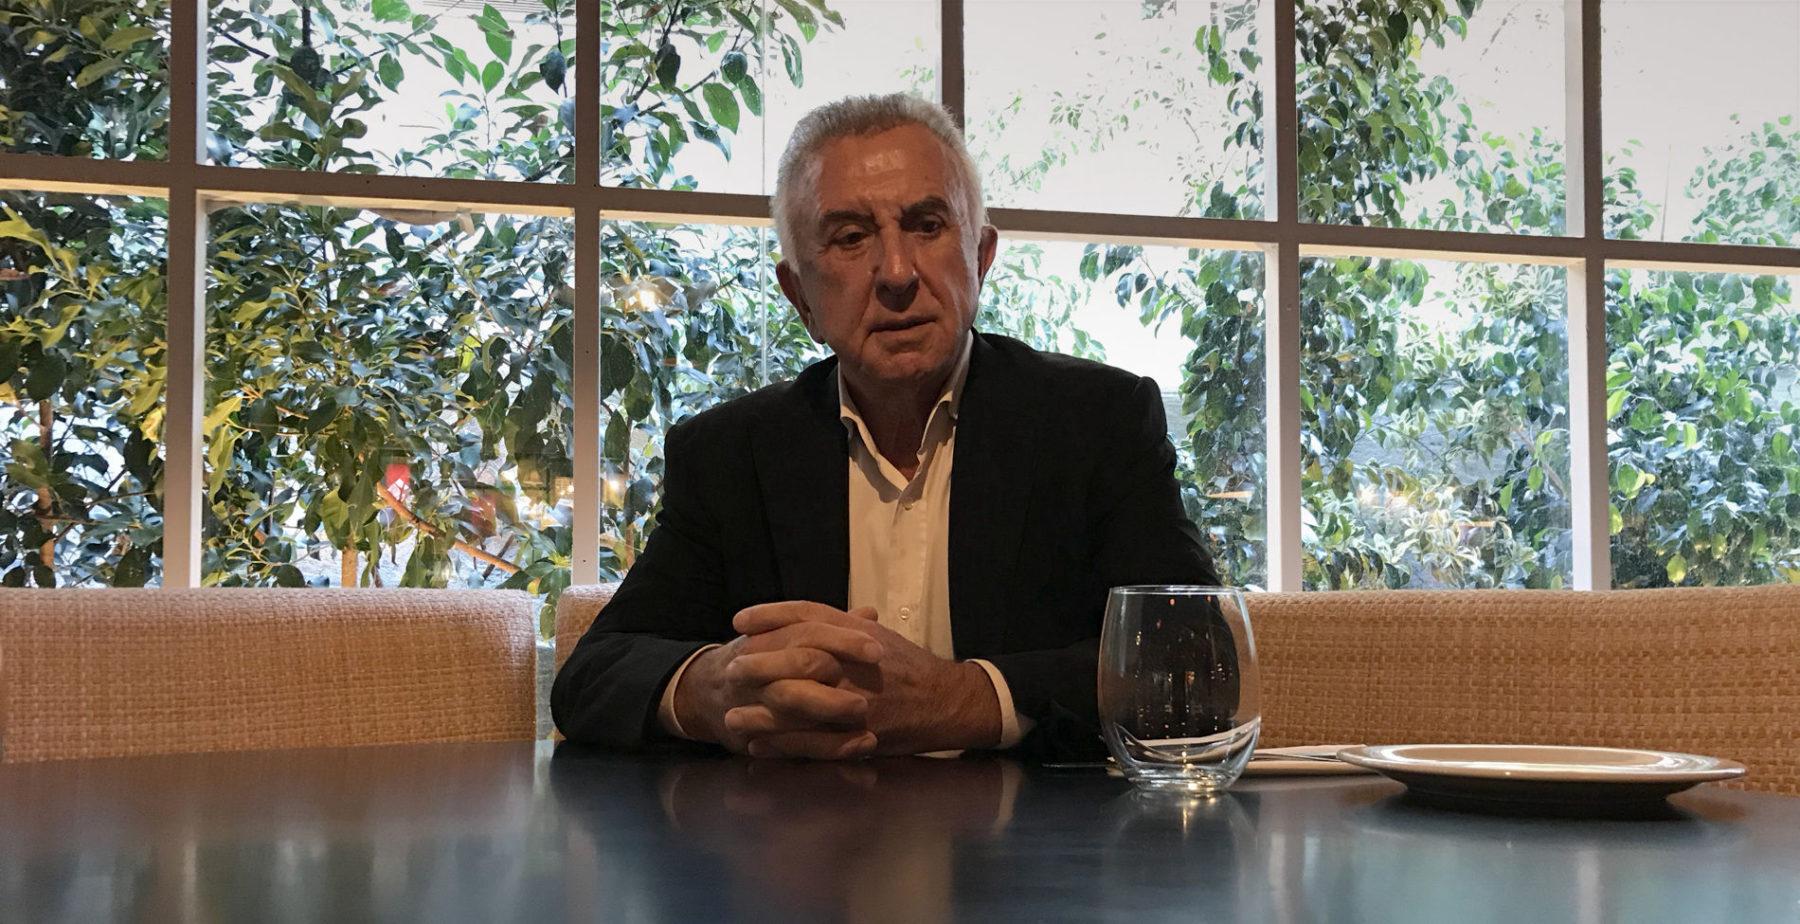 Αργύρης Παπαργυρόπουλος: «Κάποιοι εκμεταλλεύτηκαν τον χώρο του θεάματος και βλέπουμε αυτά που βλέπουμε»